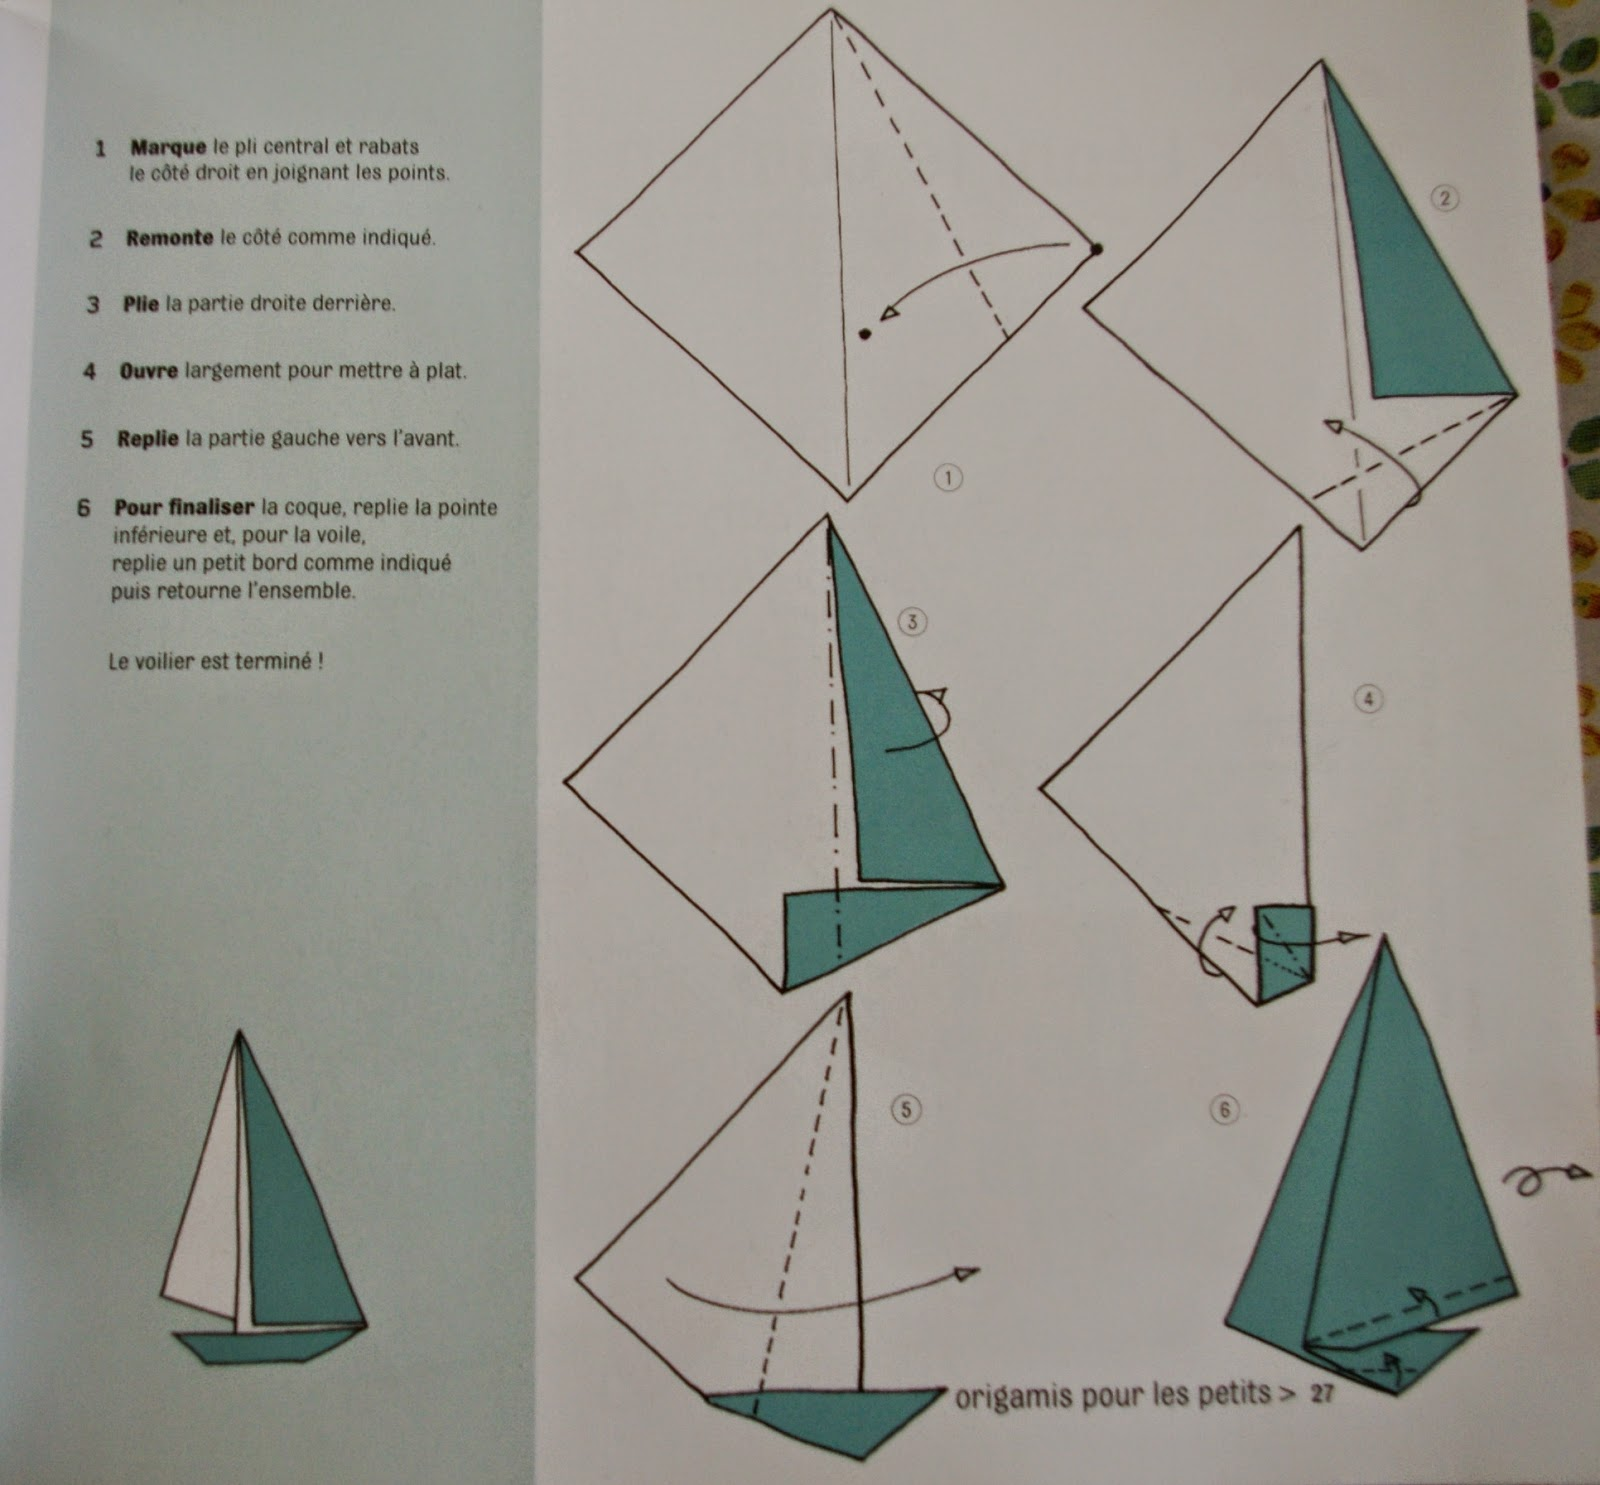 Raph Gaby Blog Lifestyle Deco Et Diy Diy Un Mobile Avec Des Voiliers En Origami